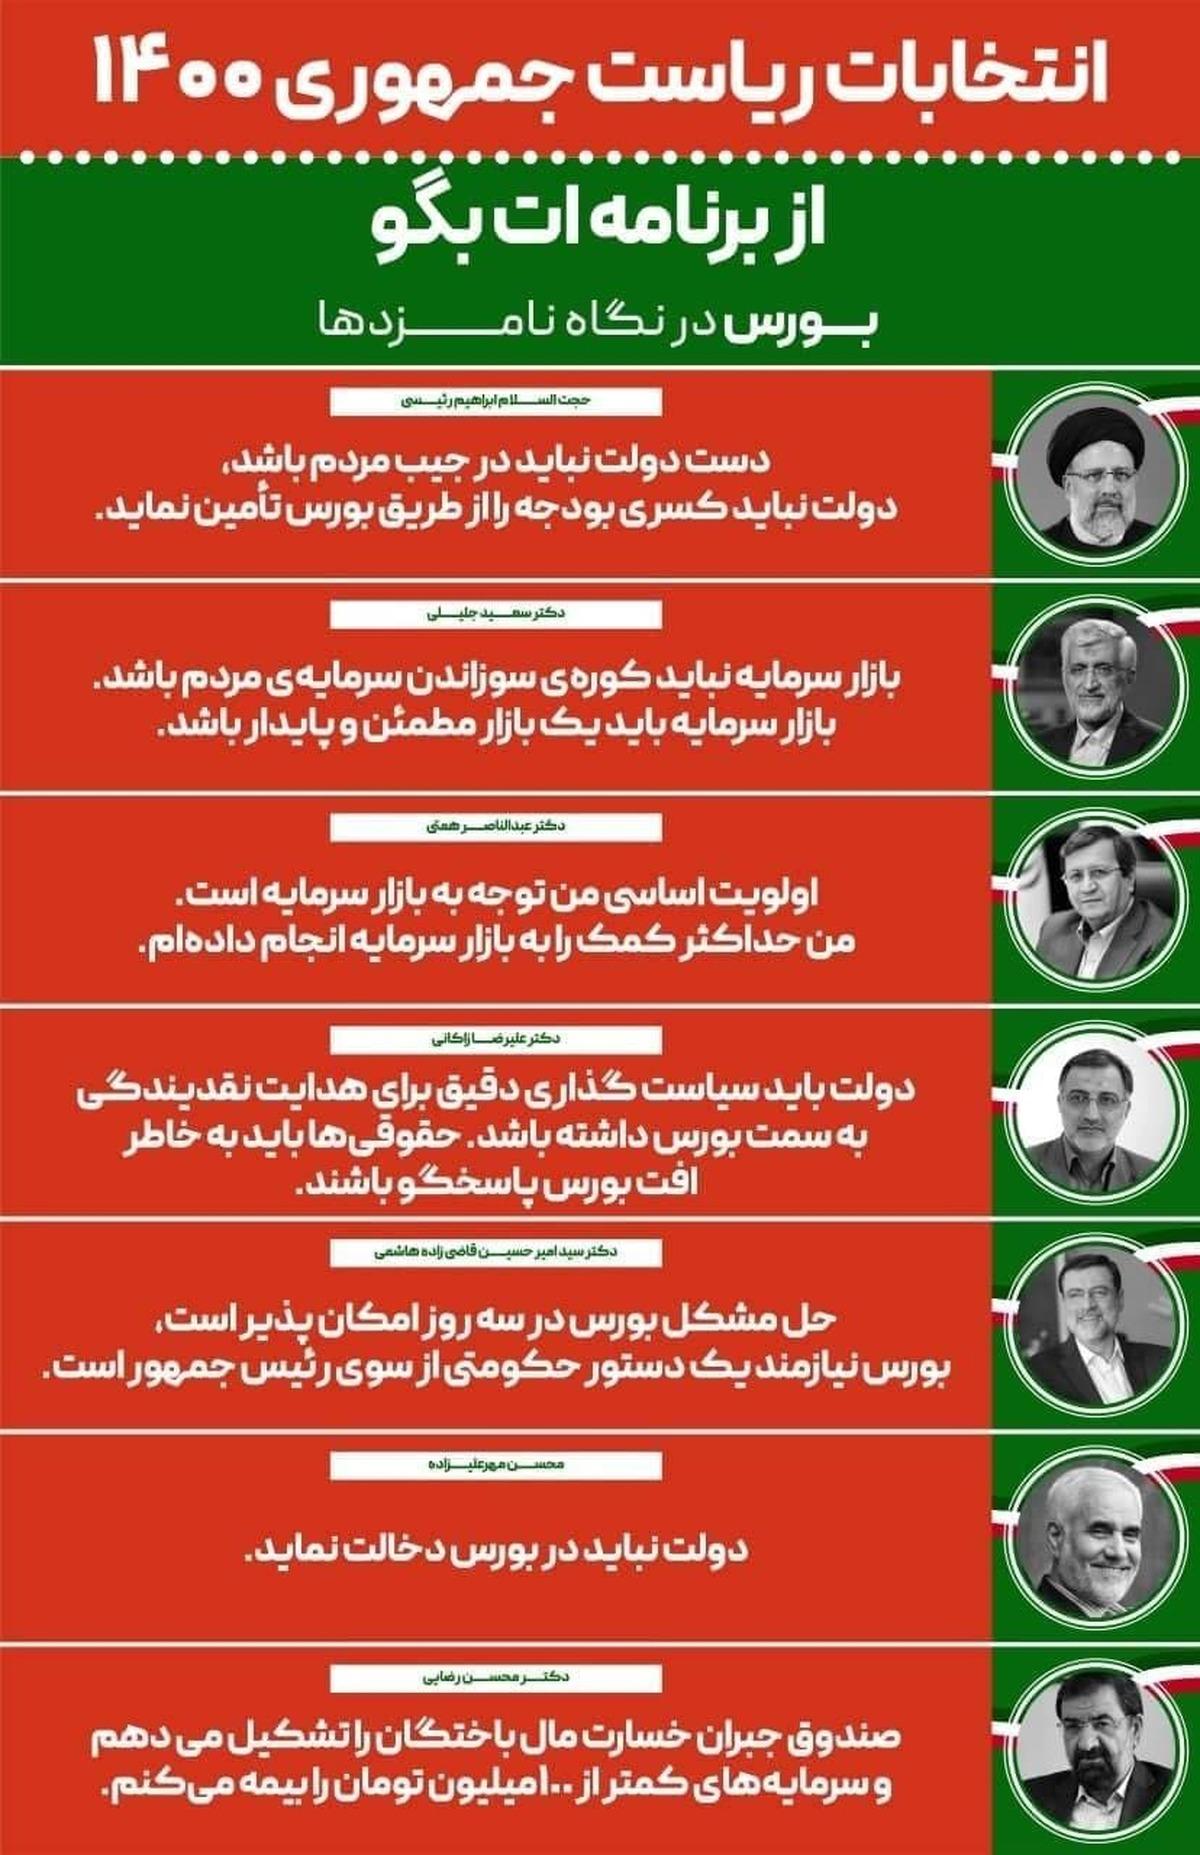 اینفوگرافیک برنامه کاندیداها در حوزه بورس